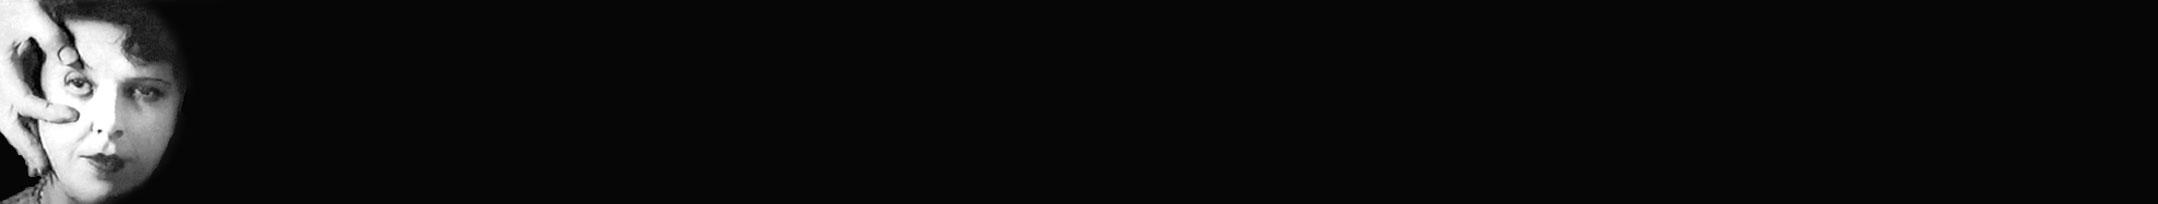 UbuWeb Film Header